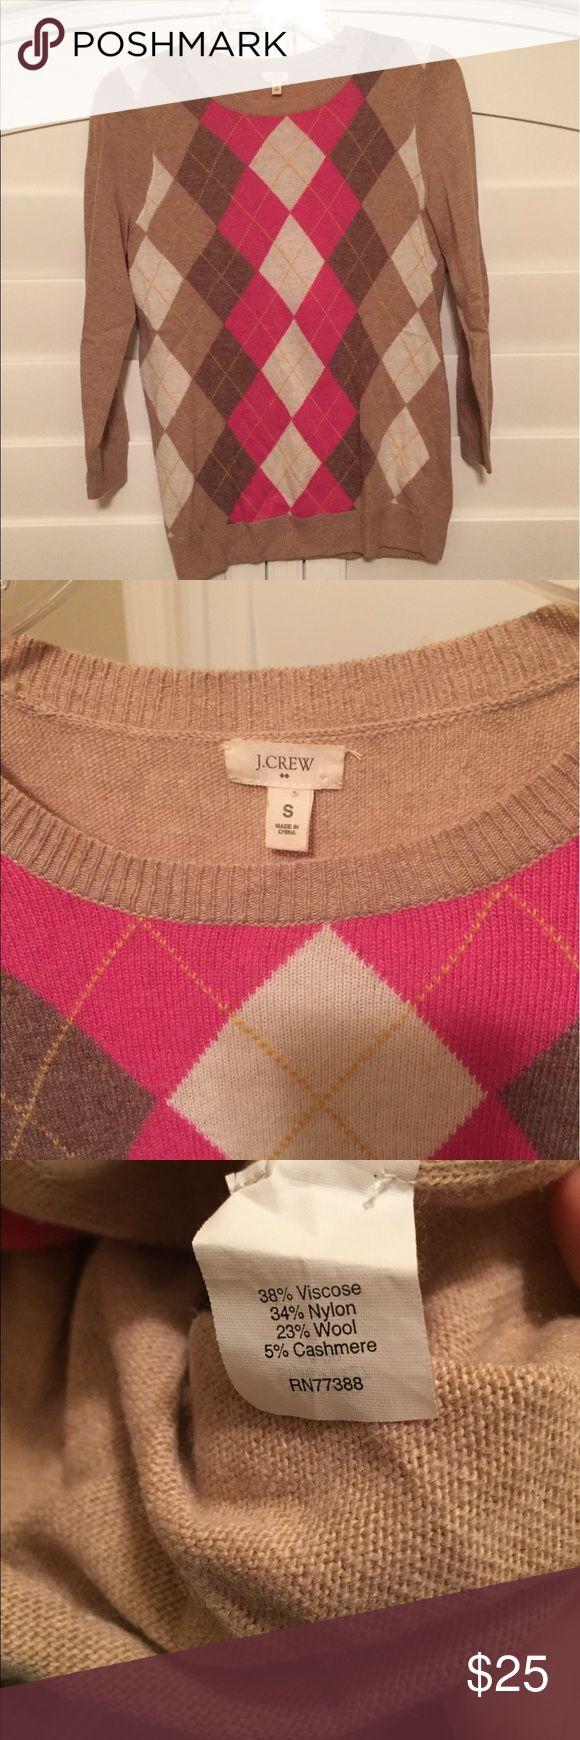 JCrew Argyle Sweater- with cashmere JCrew Argyle Sweater J. Crew Sweaters Crew & Scoop Necks